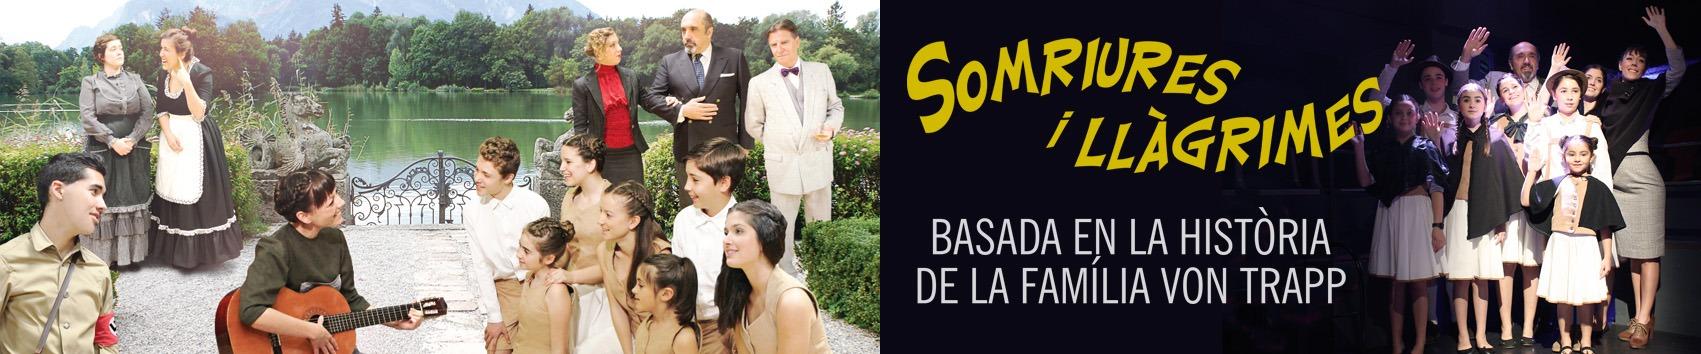 05_Banner_SOMRIURES